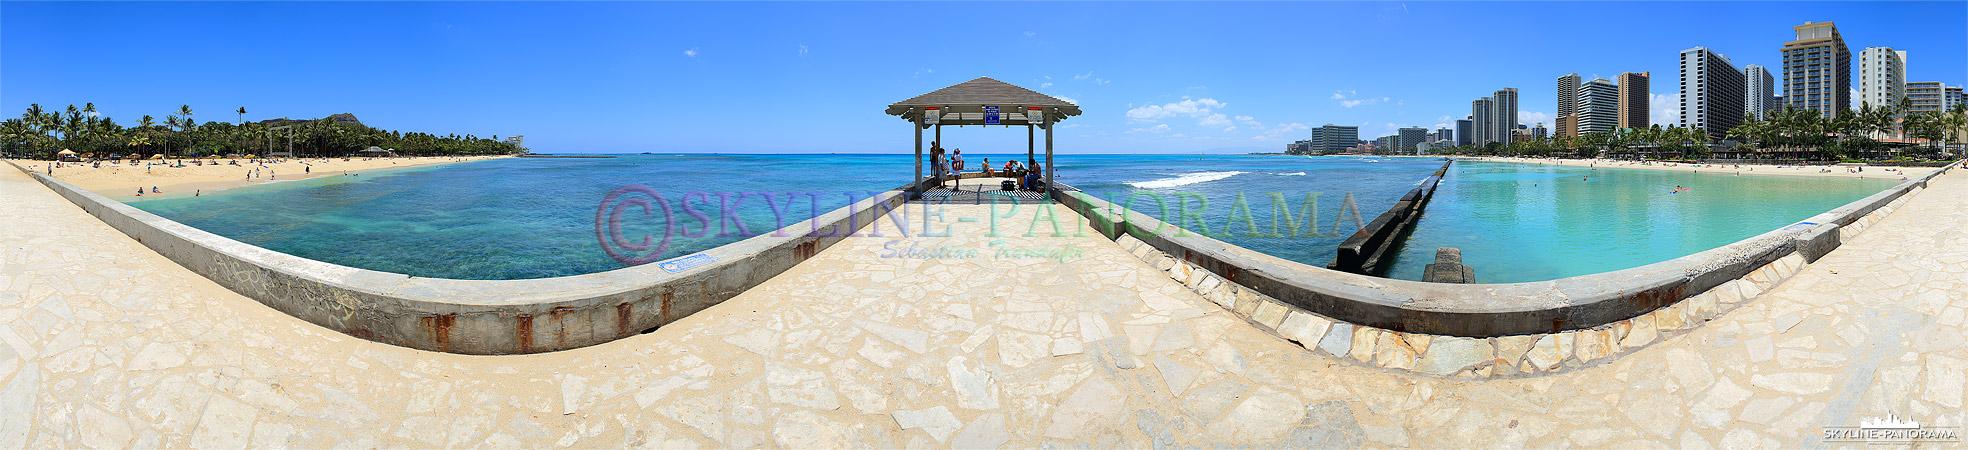 Bilder Hawaii - 360 Grad Panorama am beliebtesten Strand Hawaiis; der Waikiki Beach mit Blick vom Diamant Head bis zum Outrigger Reef.